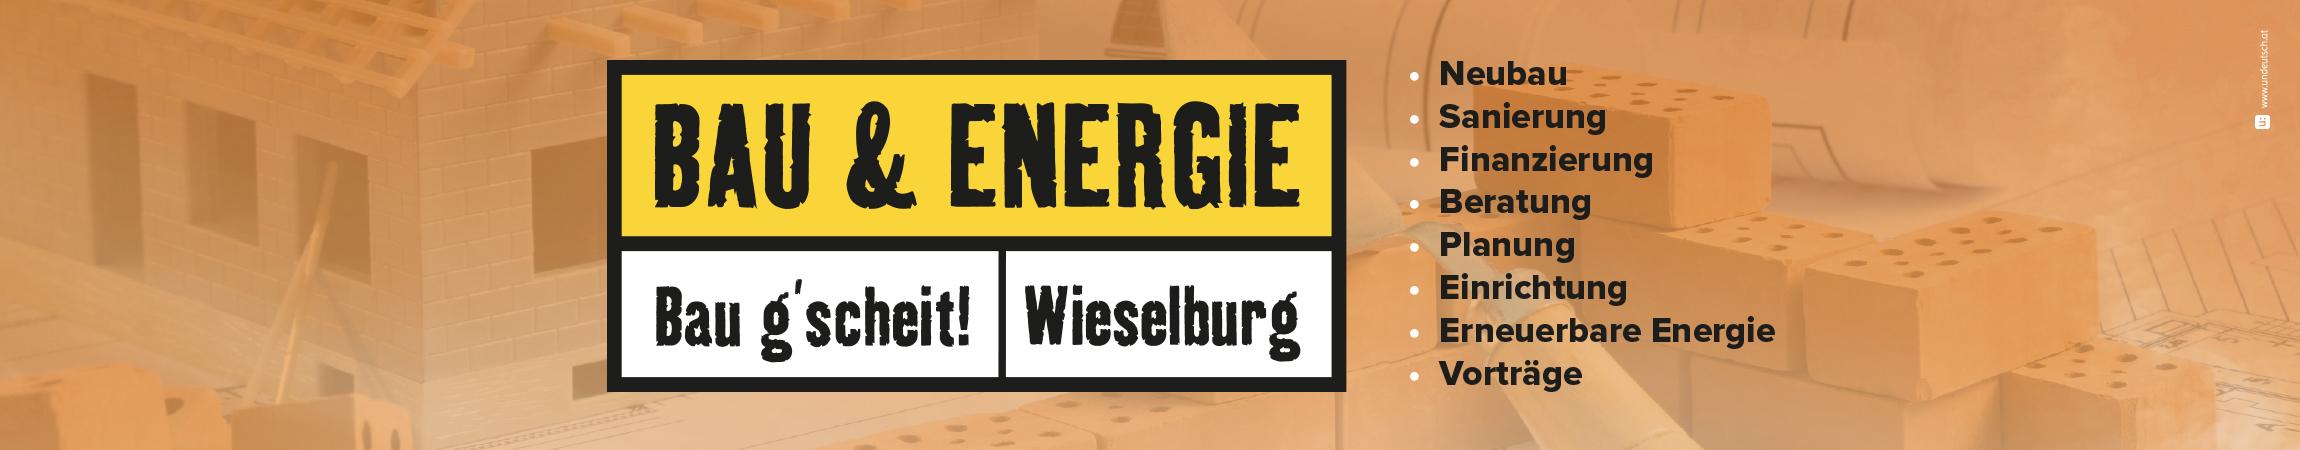 Bau & Energie Wieselburg - 18. – 20.10.2019 - Stand 903, Halle 9